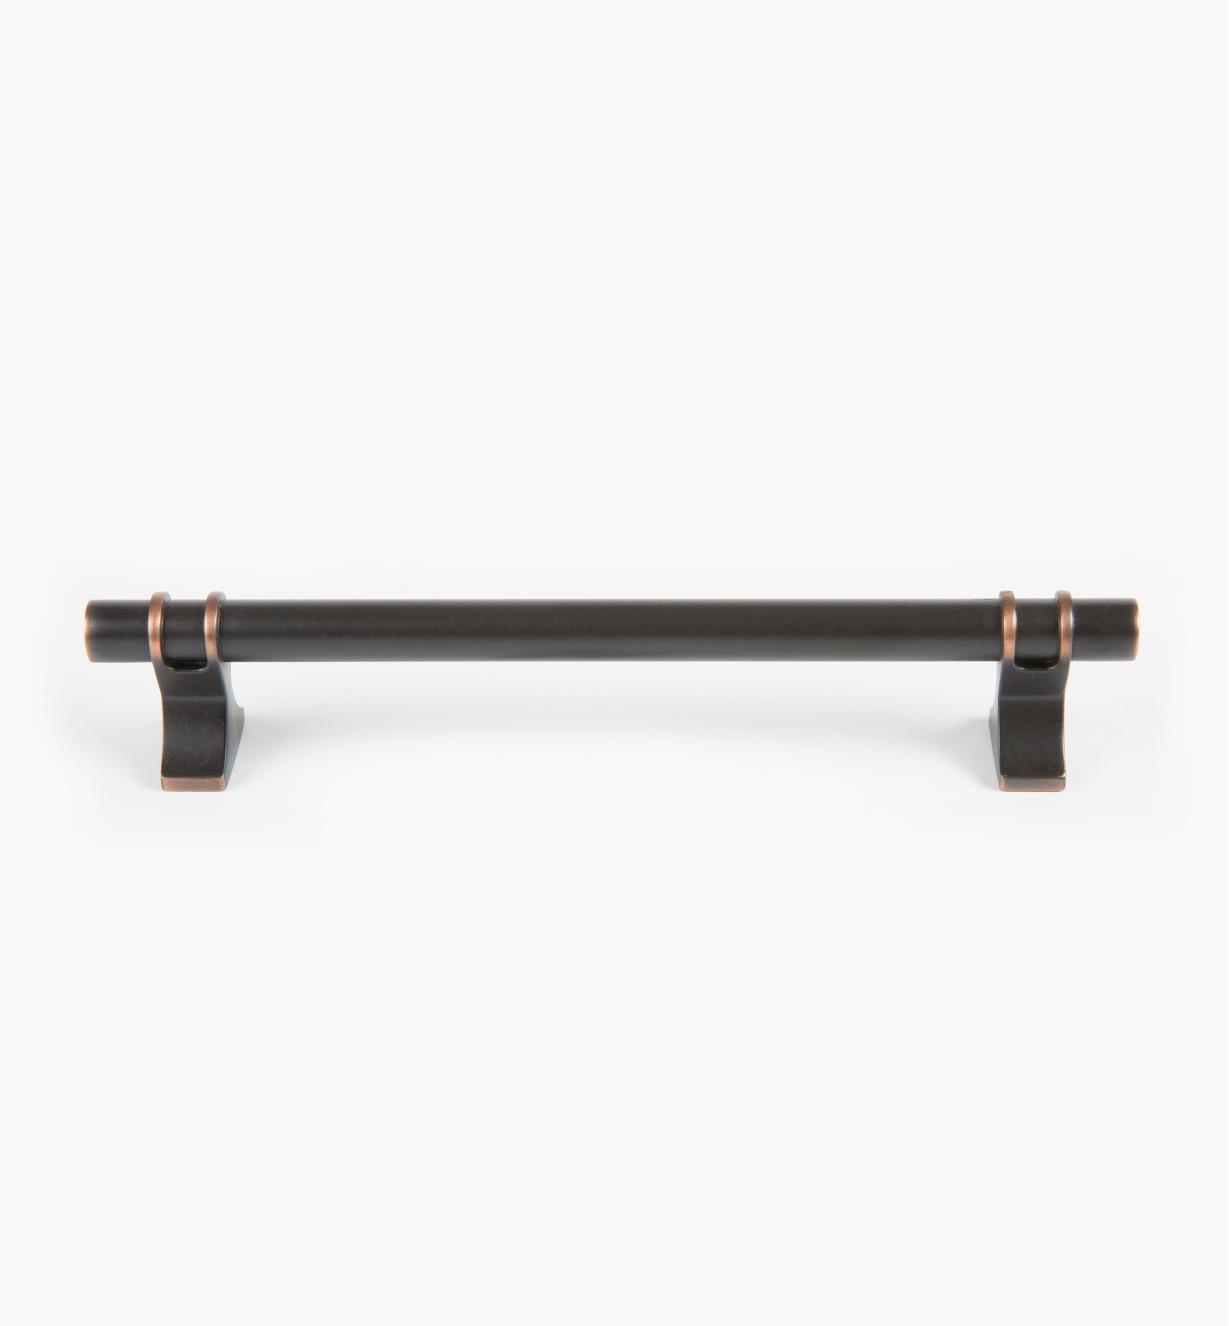 02A1439 - Poignée Davenport, 160mm (198mm), bronze huilé, l'unité